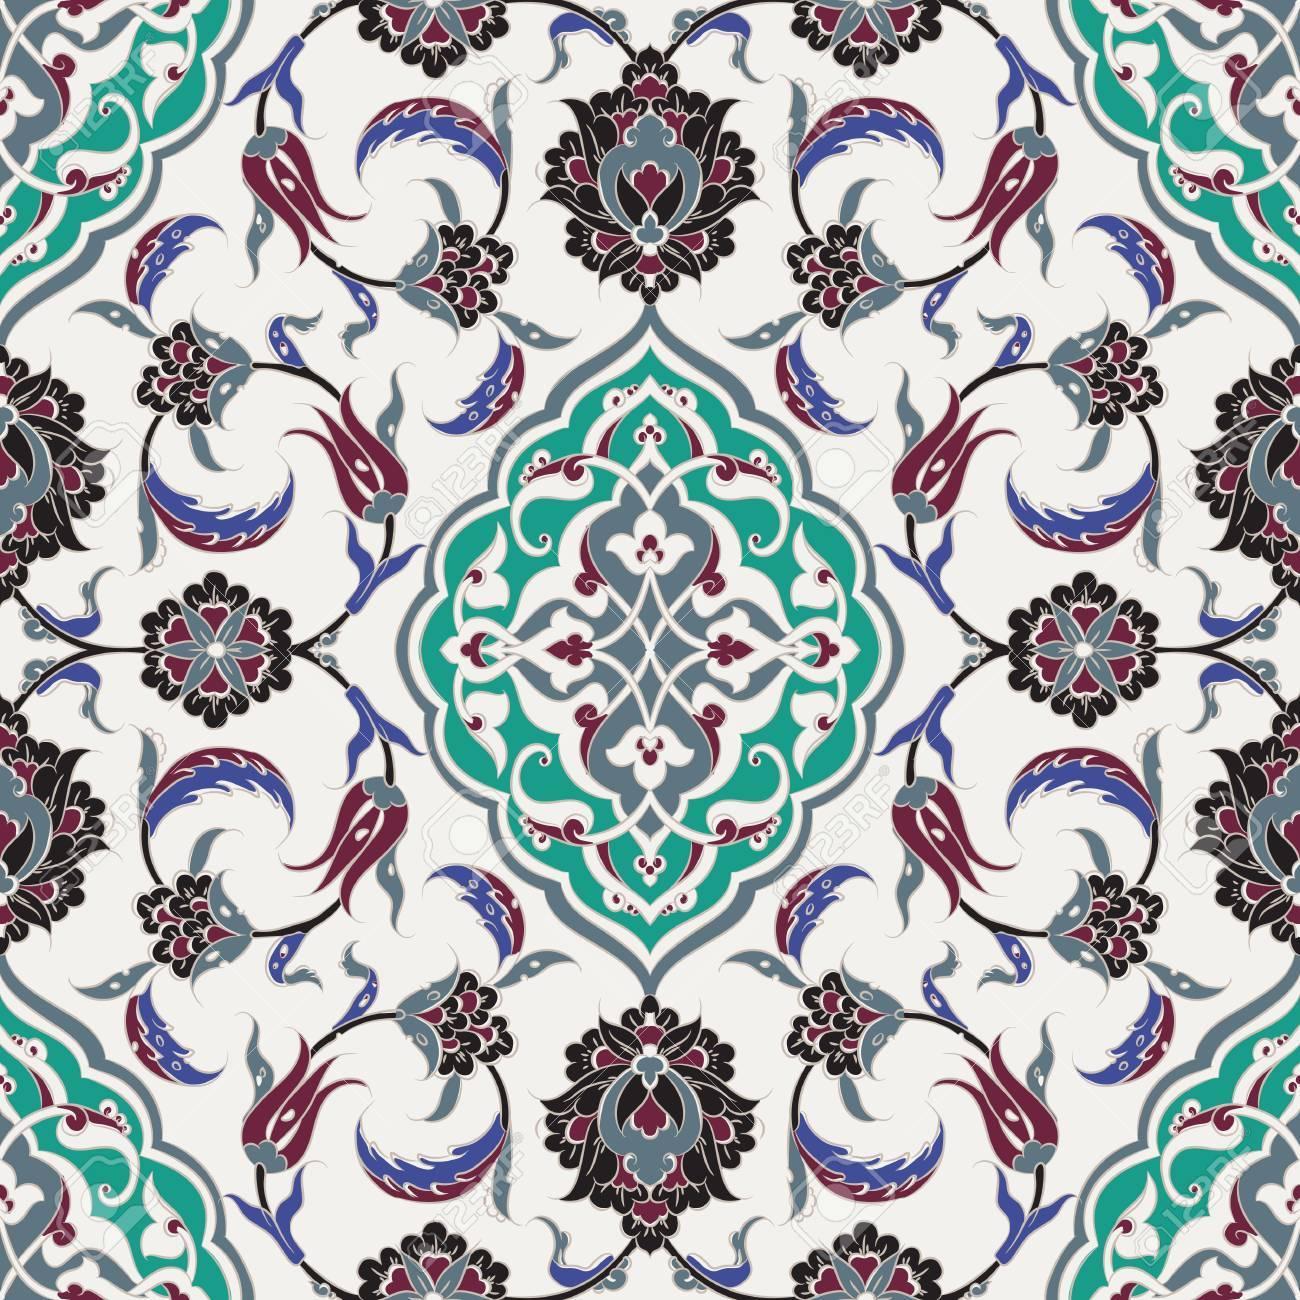 Turkische Iznik Fliesen Und Nahtlose Islamische Muster Mit Hubschen